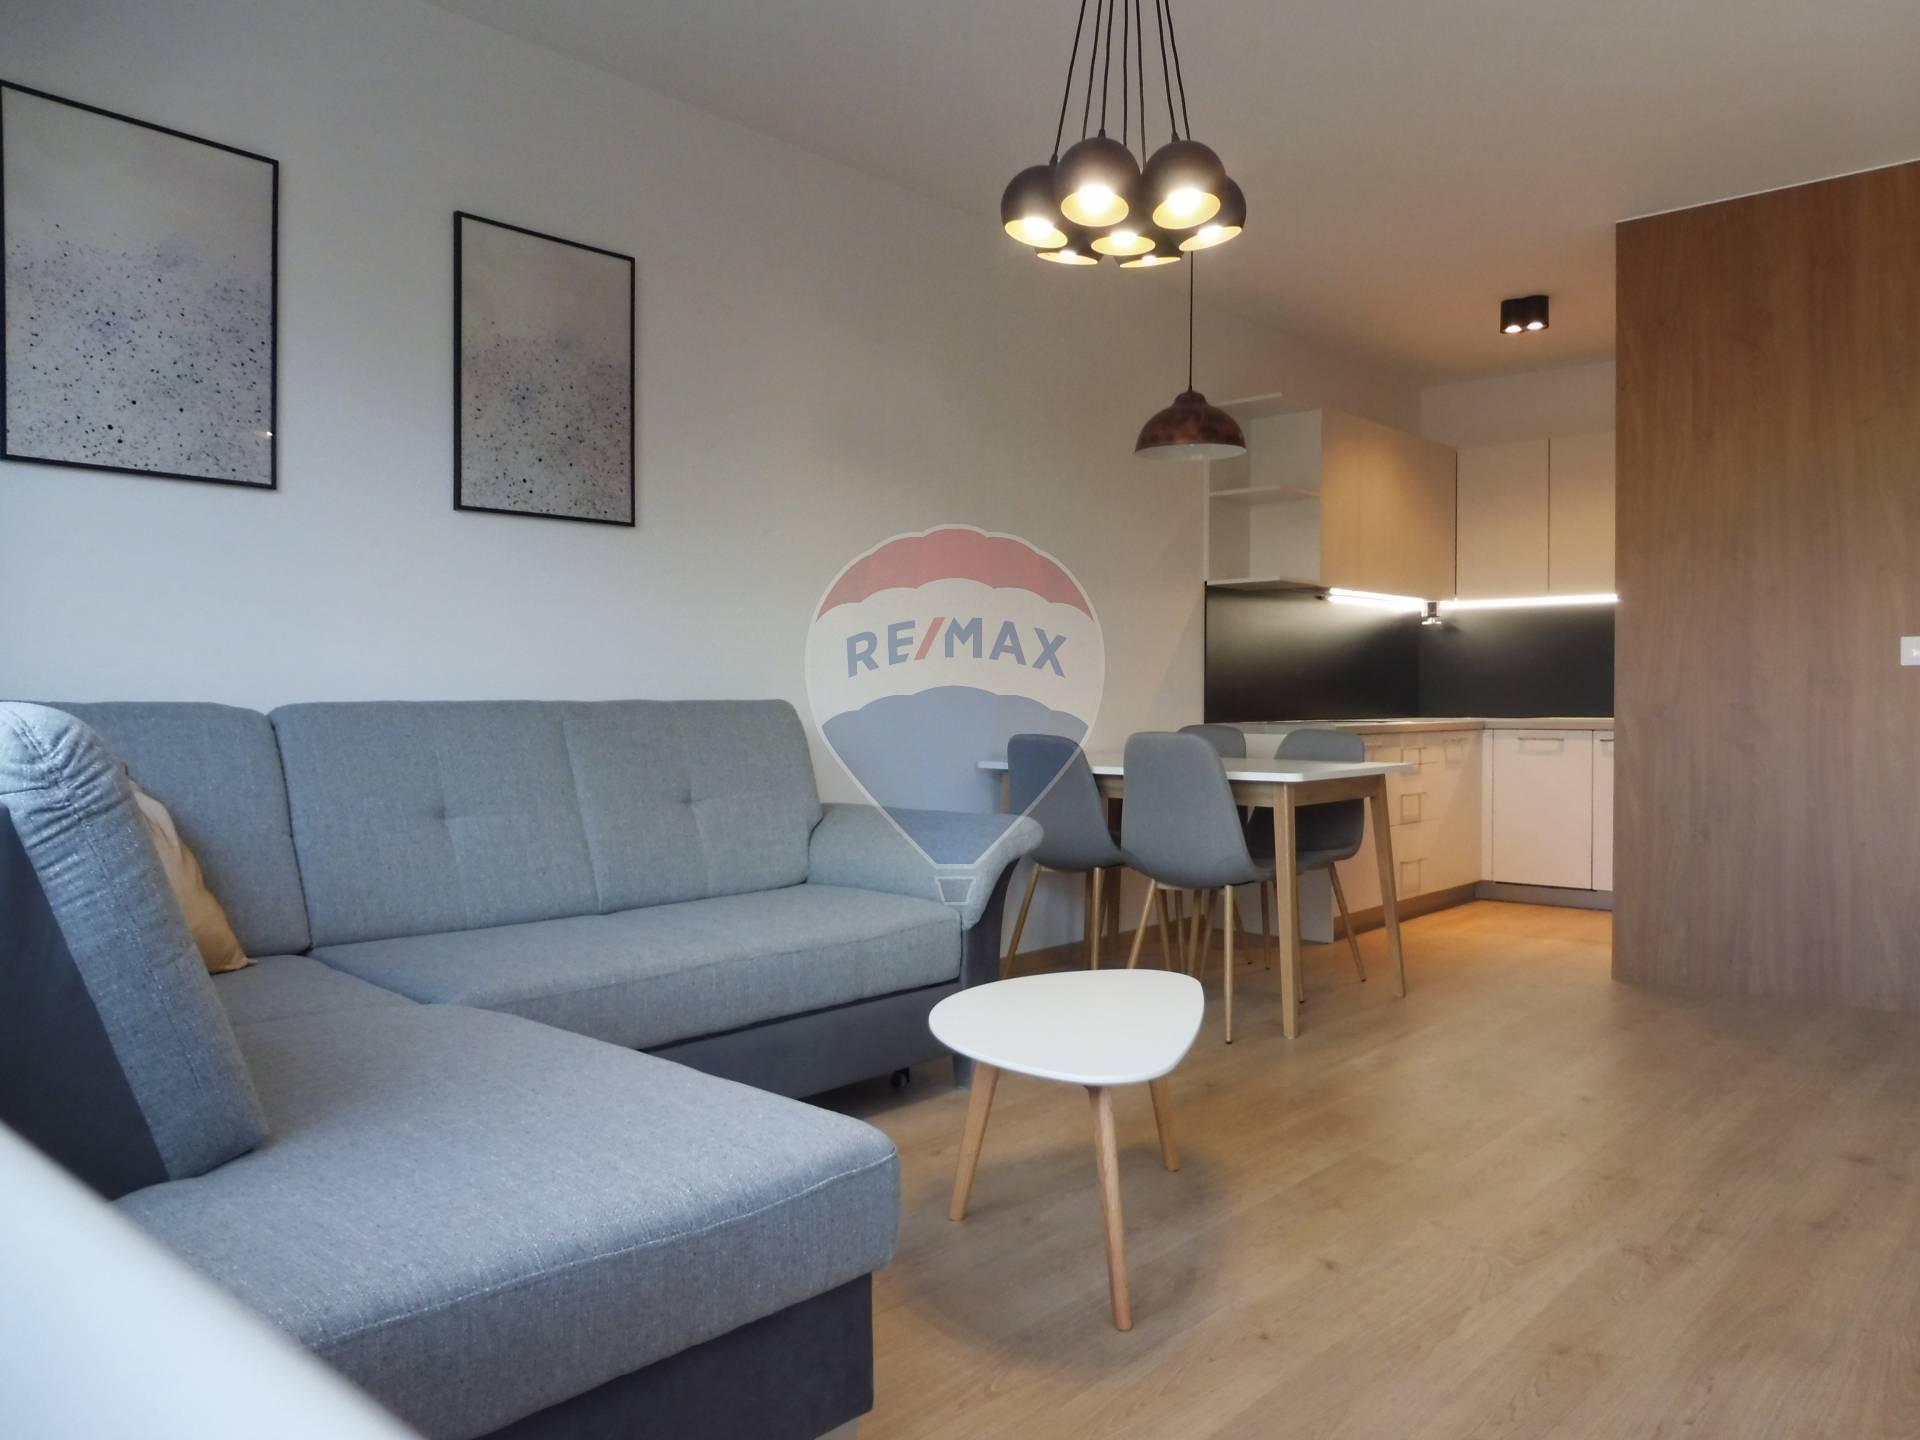 Prenájom: 2-izbový byt, Novostavba, zariadený,super lokalita, Bosákova ul.